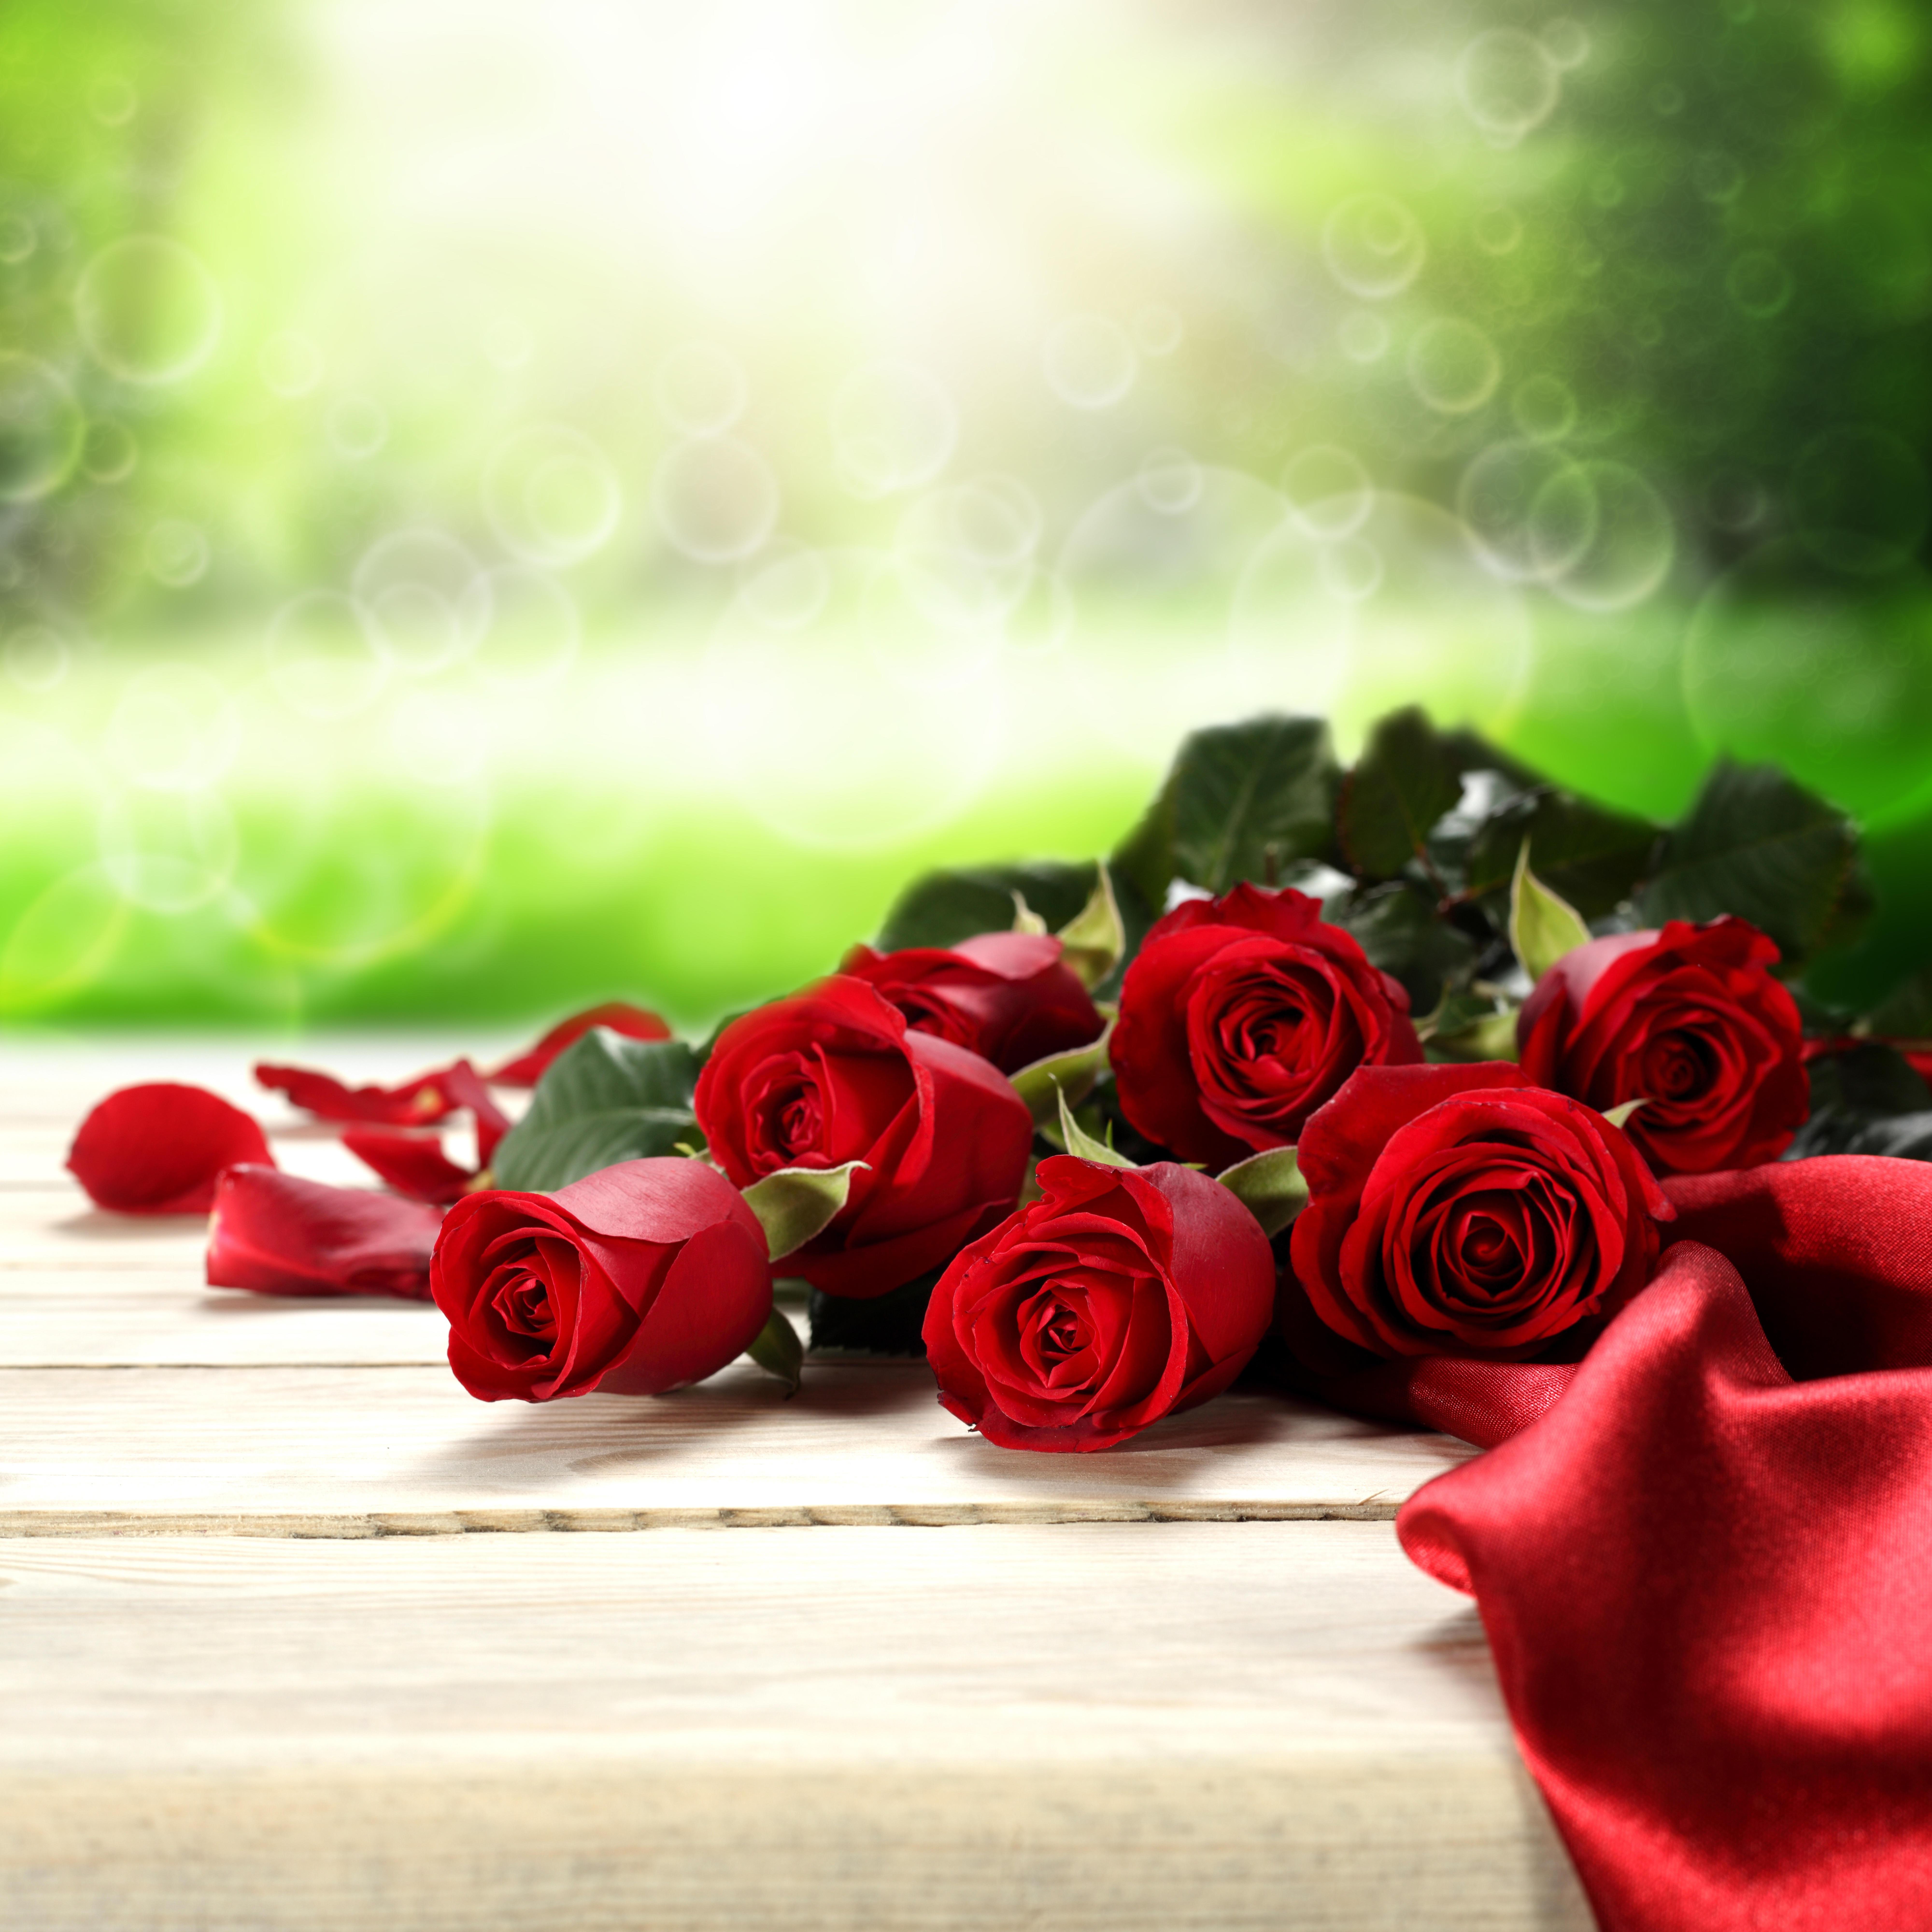 обои красивые цветы, букет, розы, роза картинки фото